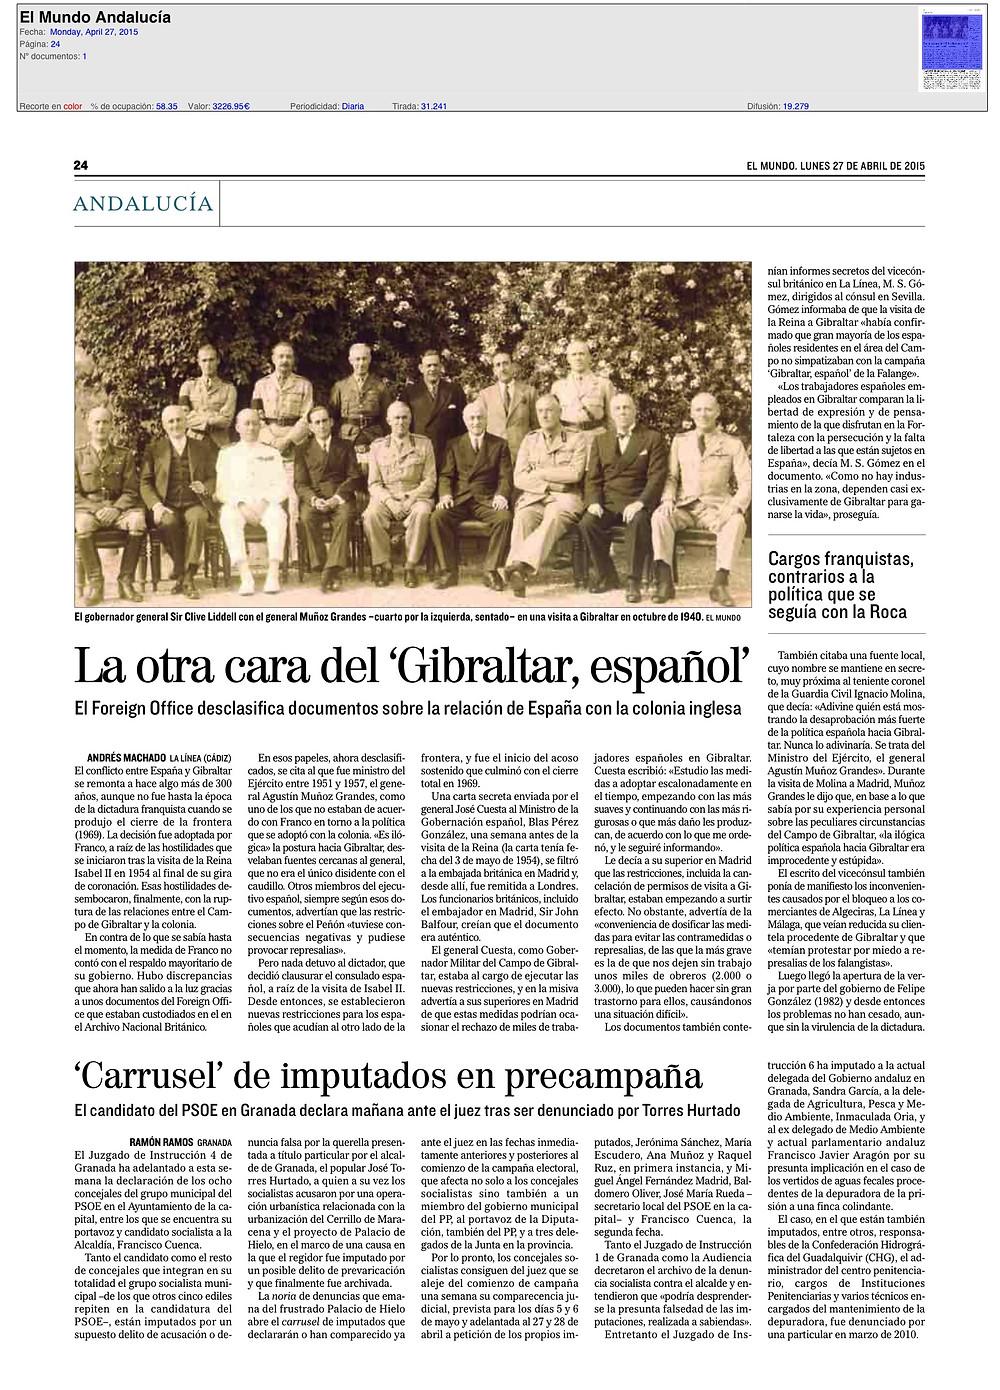 150427_El_Mundo_Andalucía.jpg